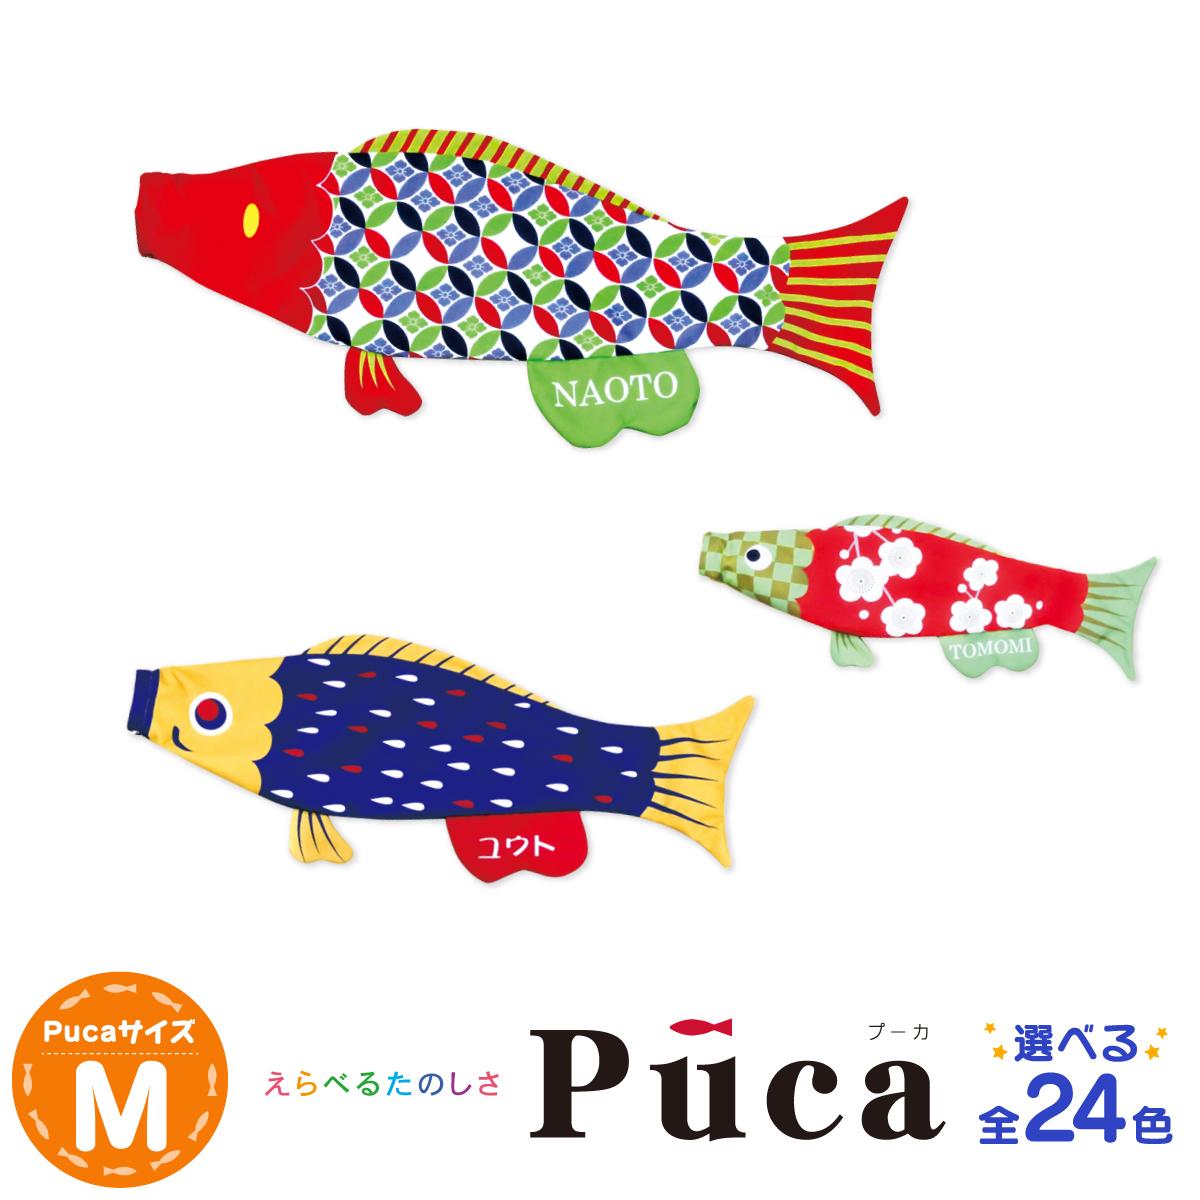 こいのぼり 室内 Puca プーカ Mサイズ 選べる3カラー&選べる8デザイン